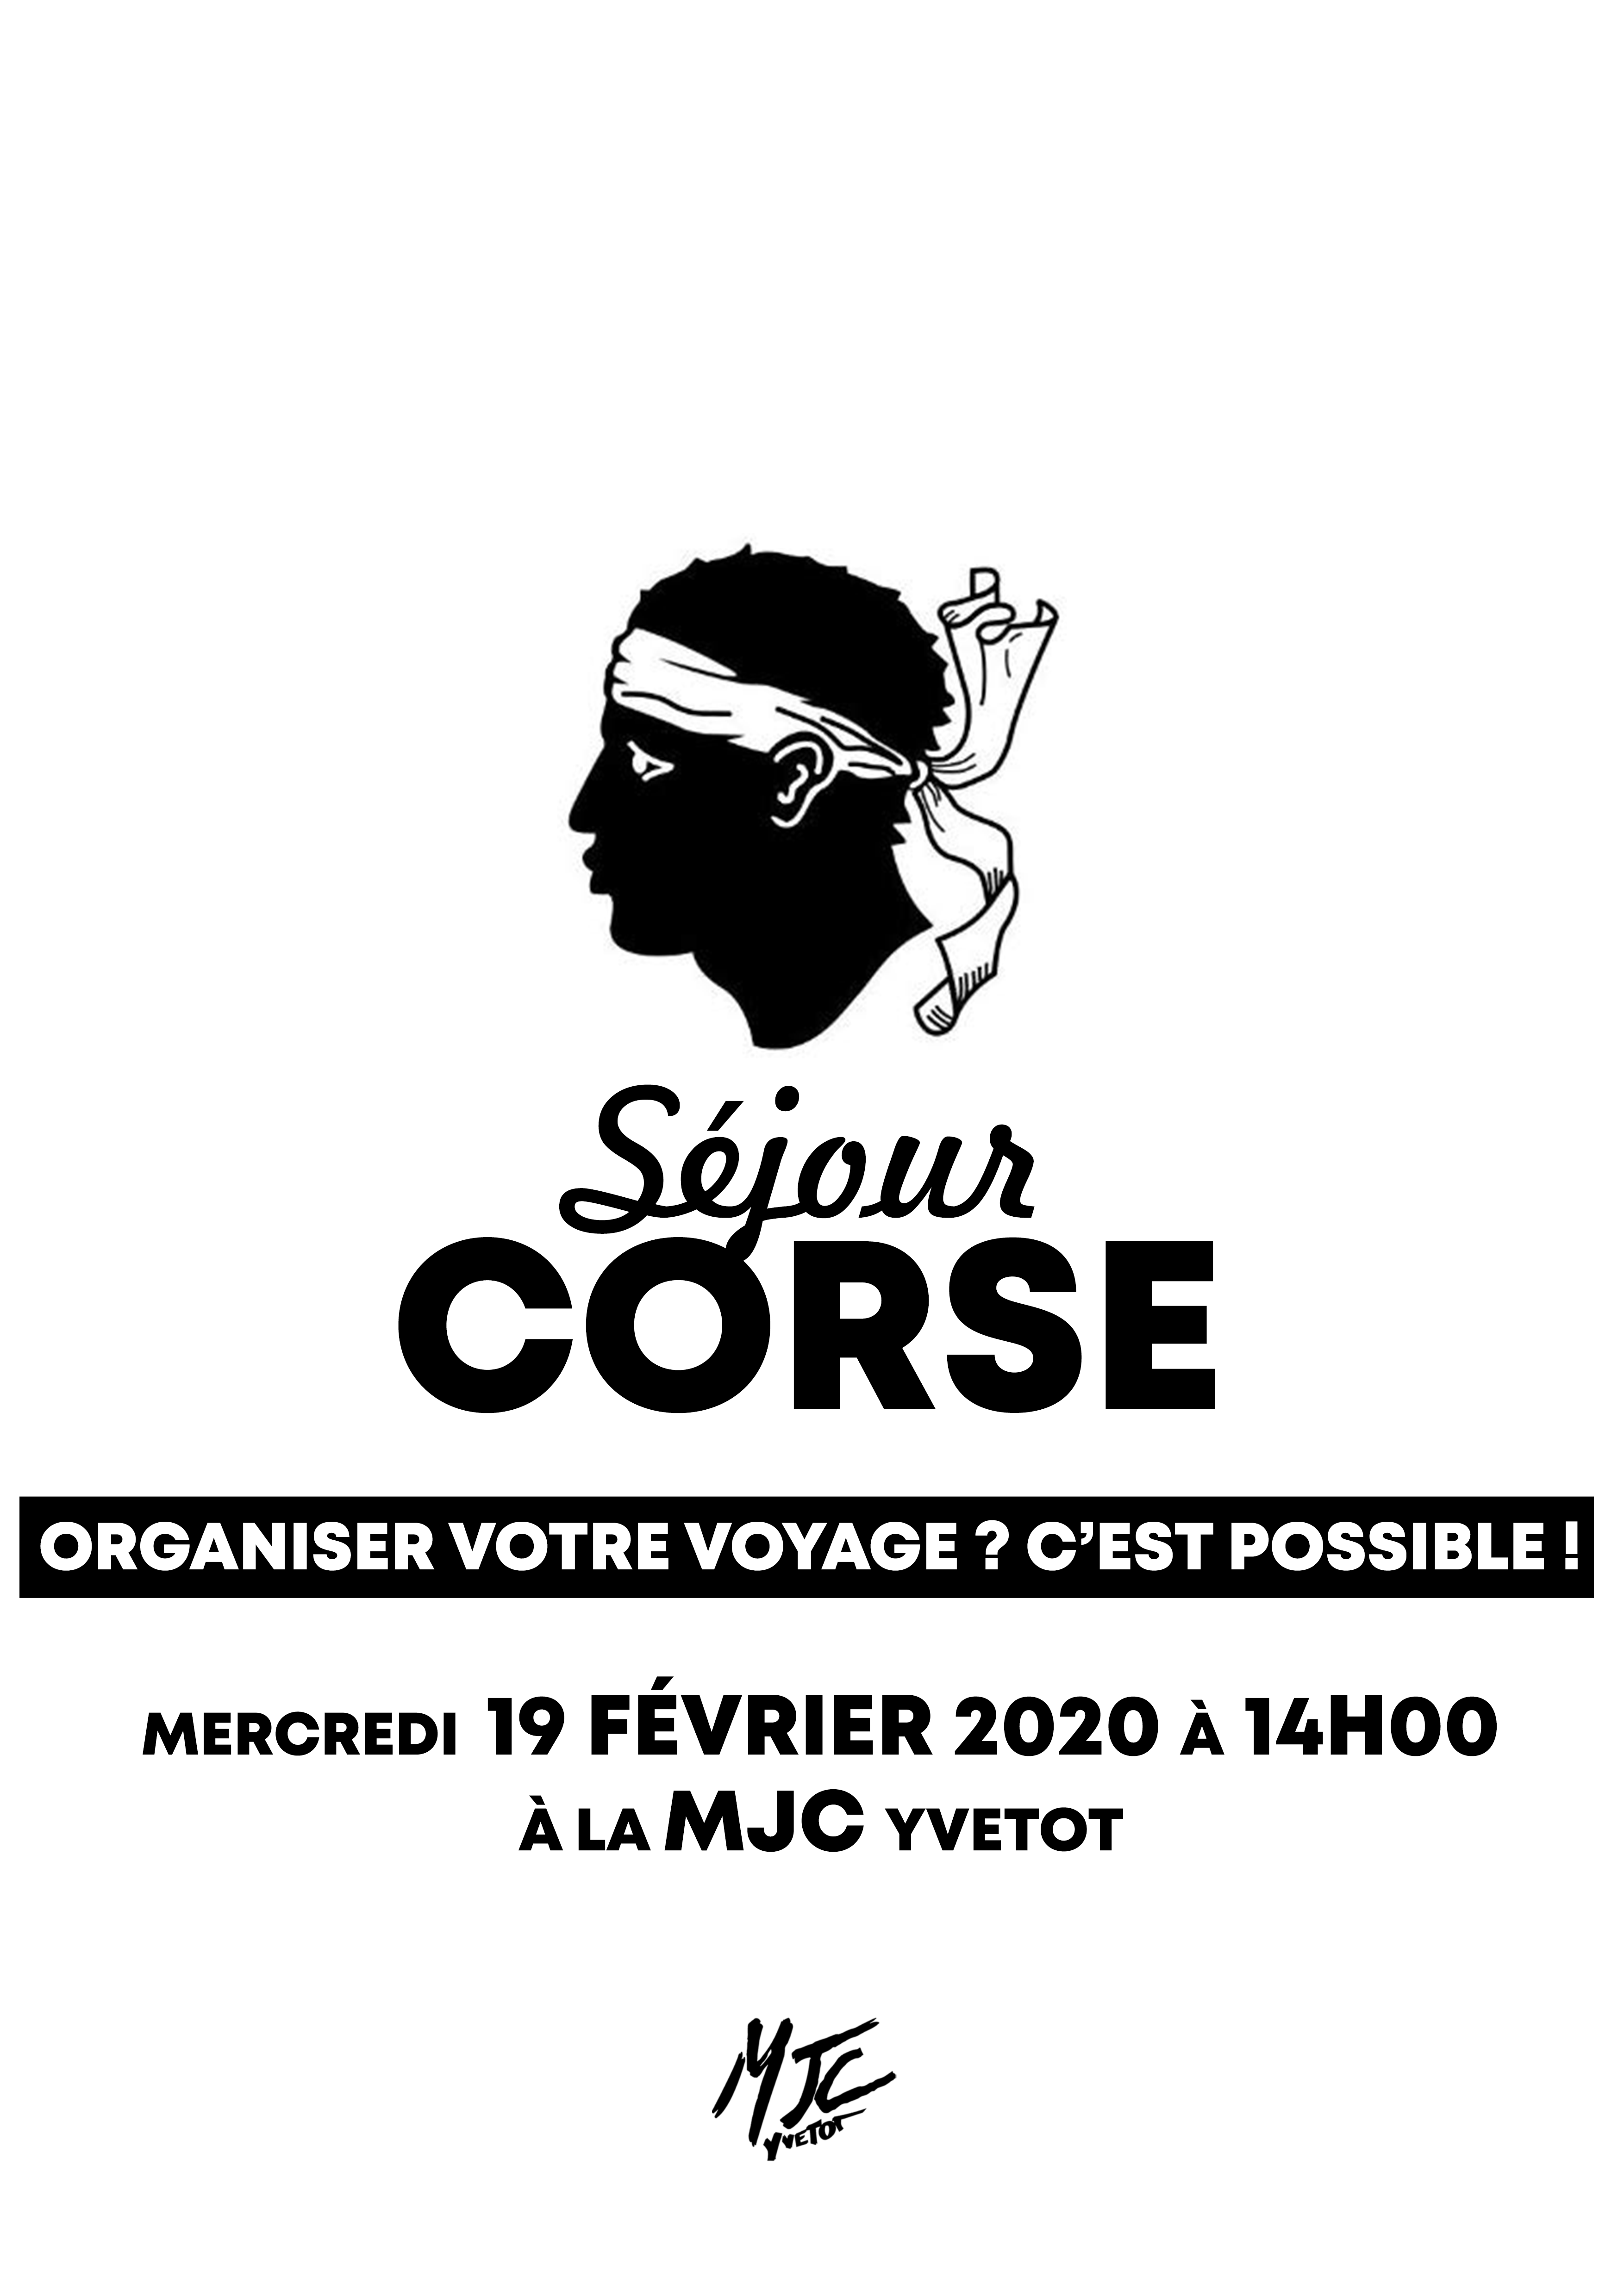 Corse1